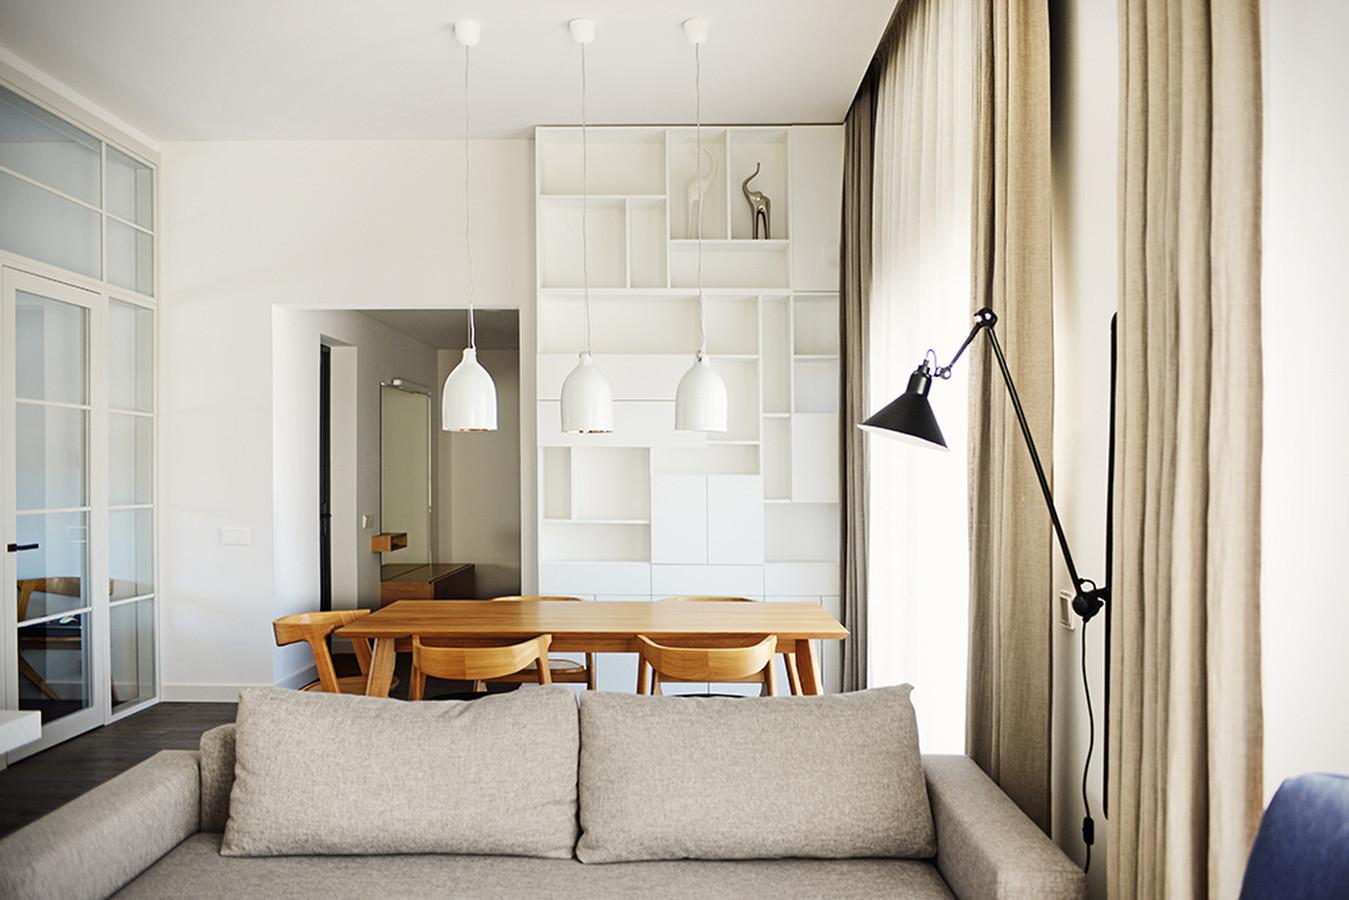 Minimalistinė namo architektūra, aukštos lubos ir namų šeimininkų simpatijos skandinaviškam stiliui padiktavo pagrindinius interjero sprendimus.